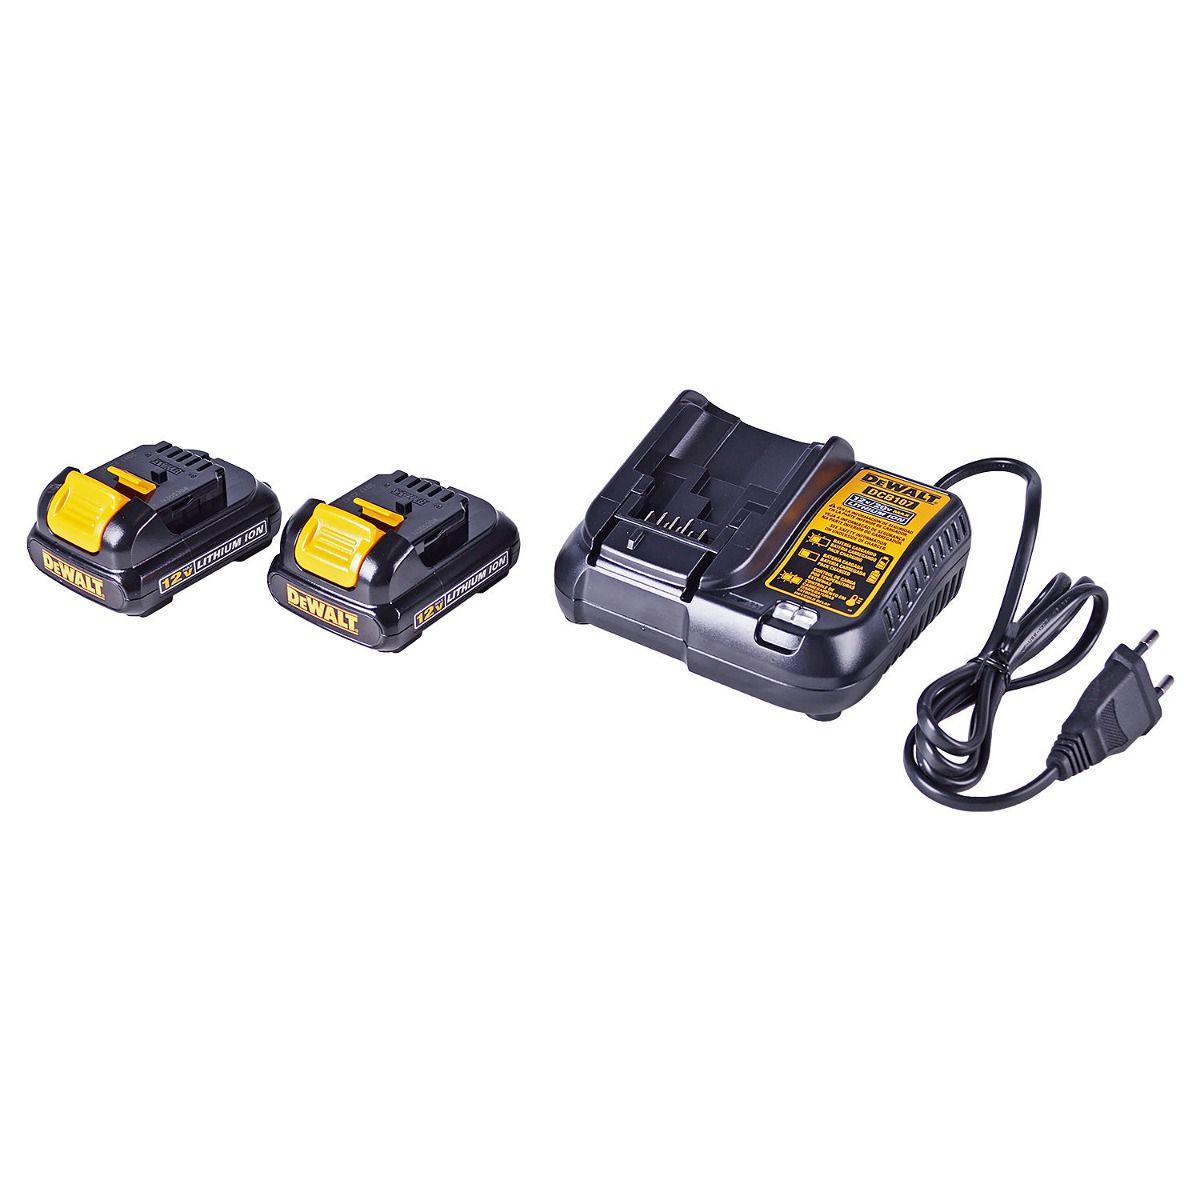 Parafusadeira De Impacto 1/4Pol. 6,4mm 12V Max Ion-Litio 220V com 2 Baterias DEWALT DCF805C2